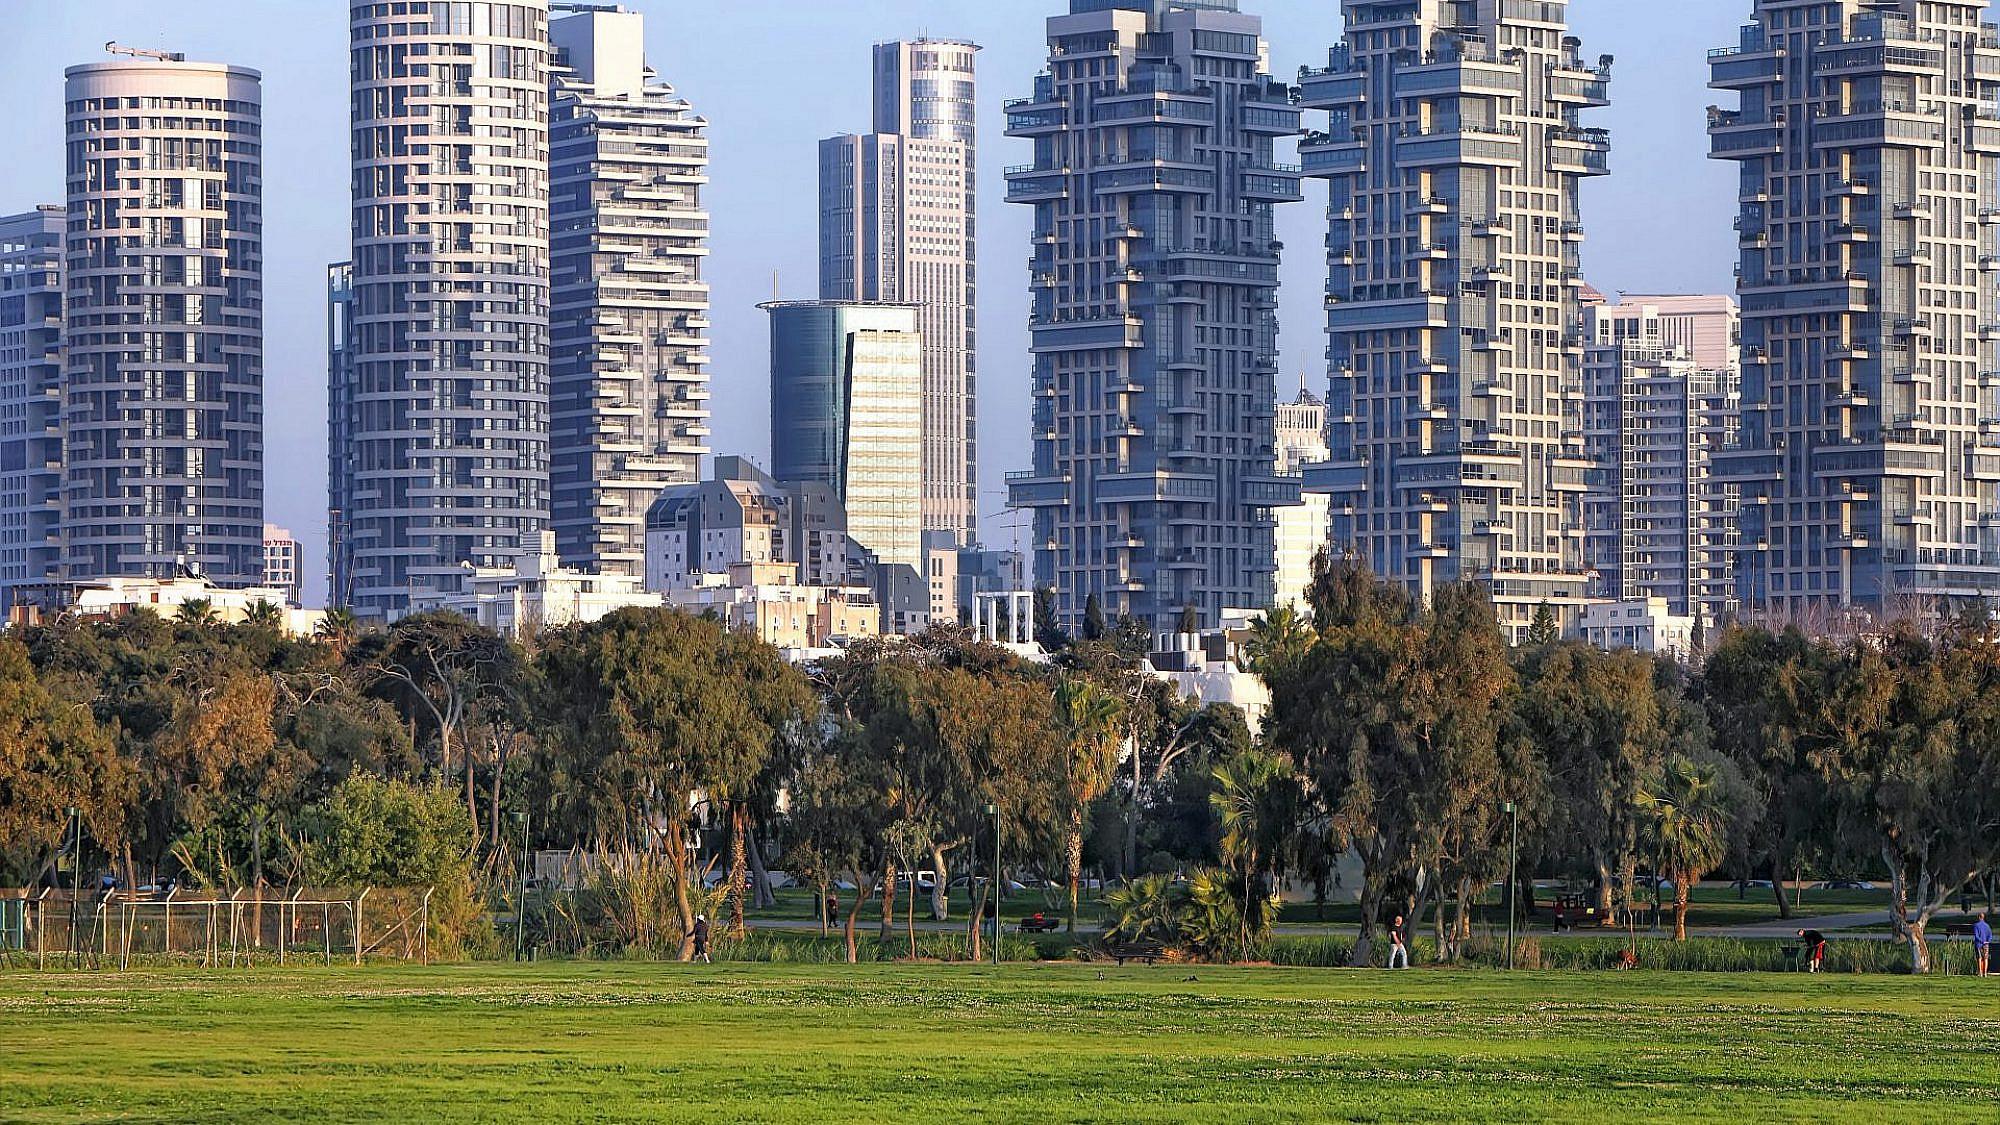 מפחיתים את החום והזיהום העירוני. עצים בפארק הירקון